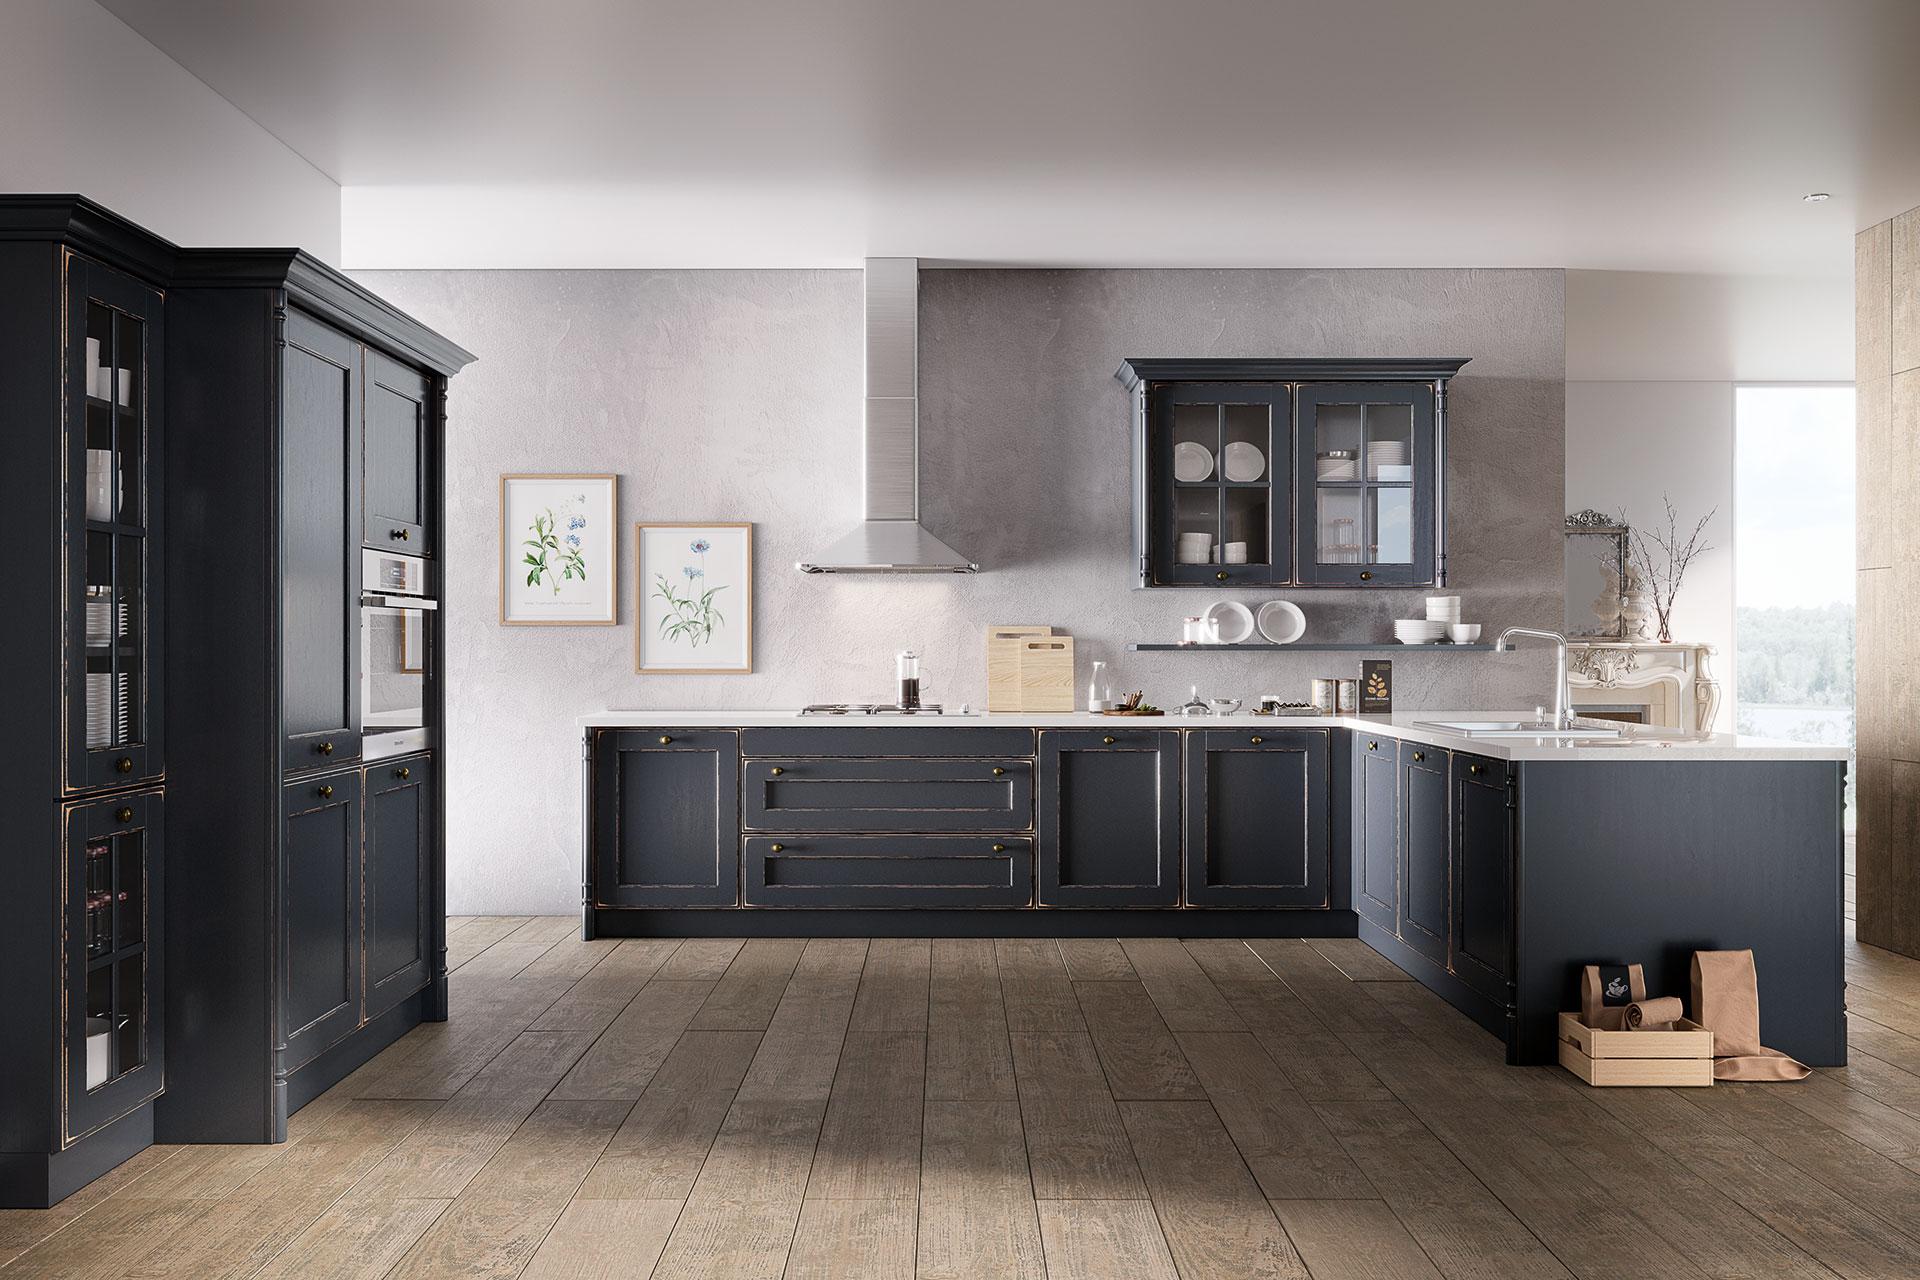 Modell OLDHAM in Night Grey, Gesamtansicht, Oster Küche